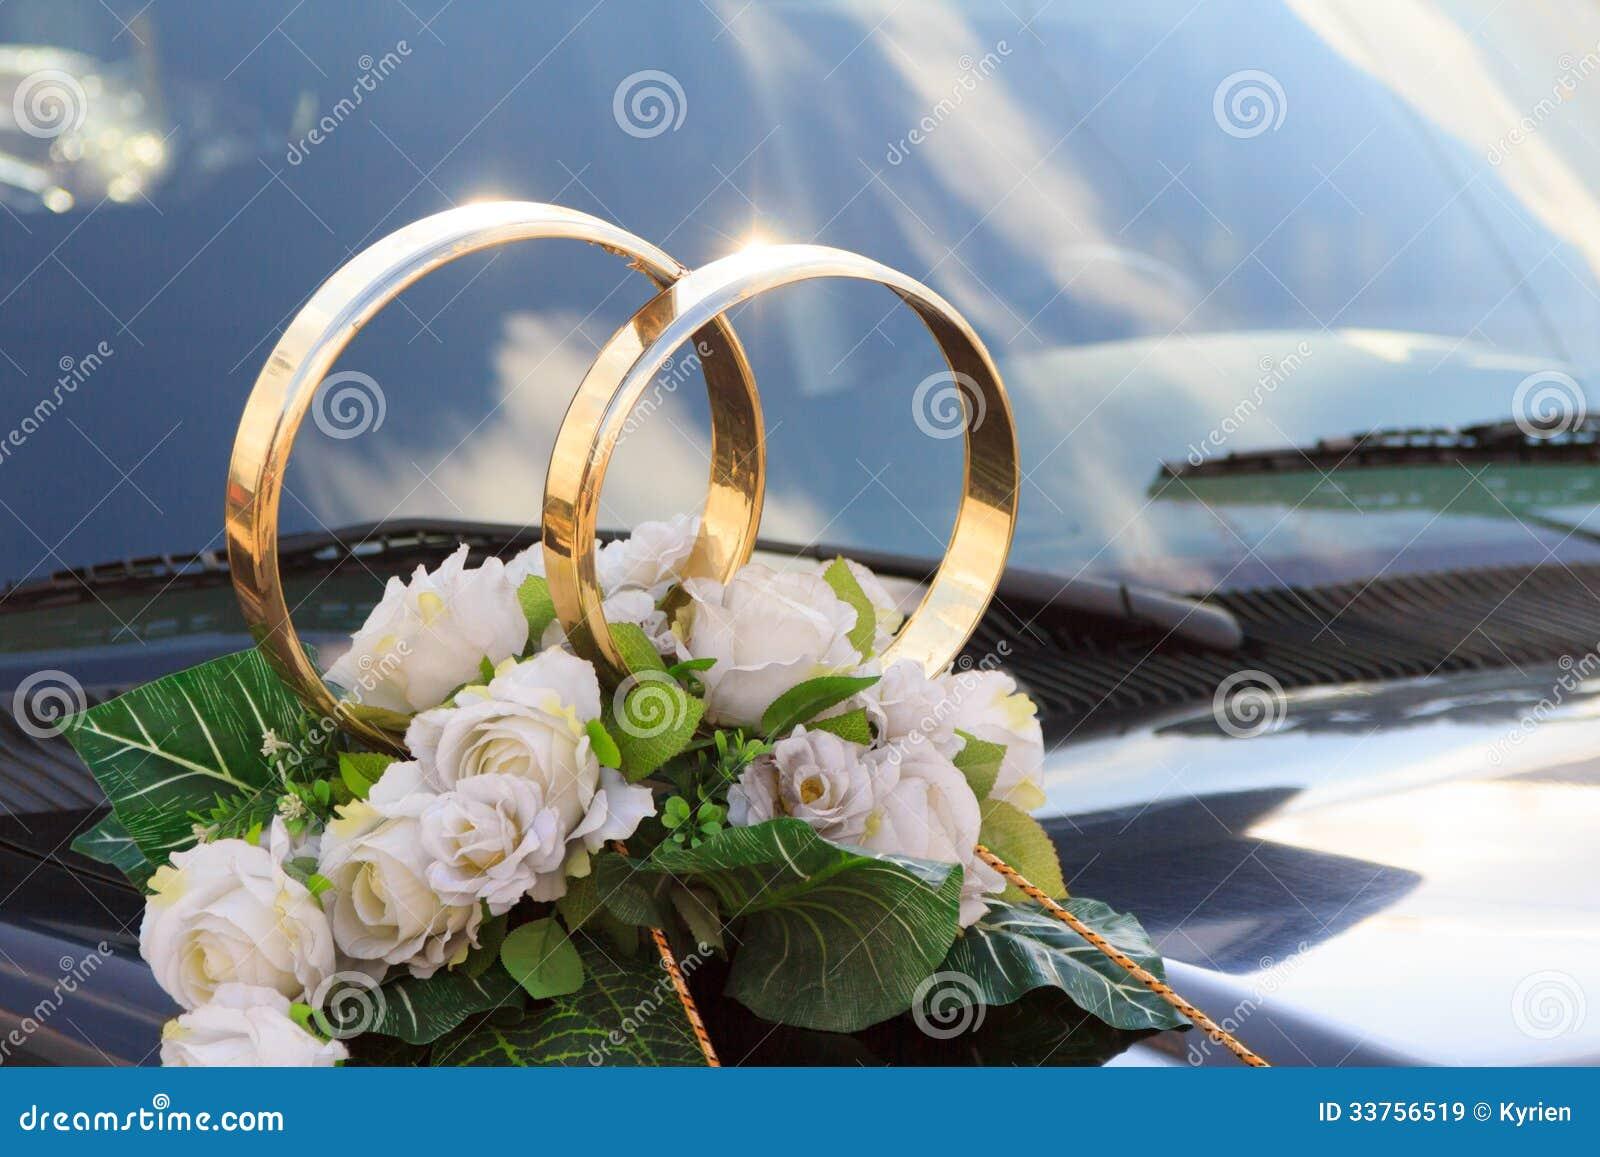 Modele De Decoration De Voiture Pour Mariage